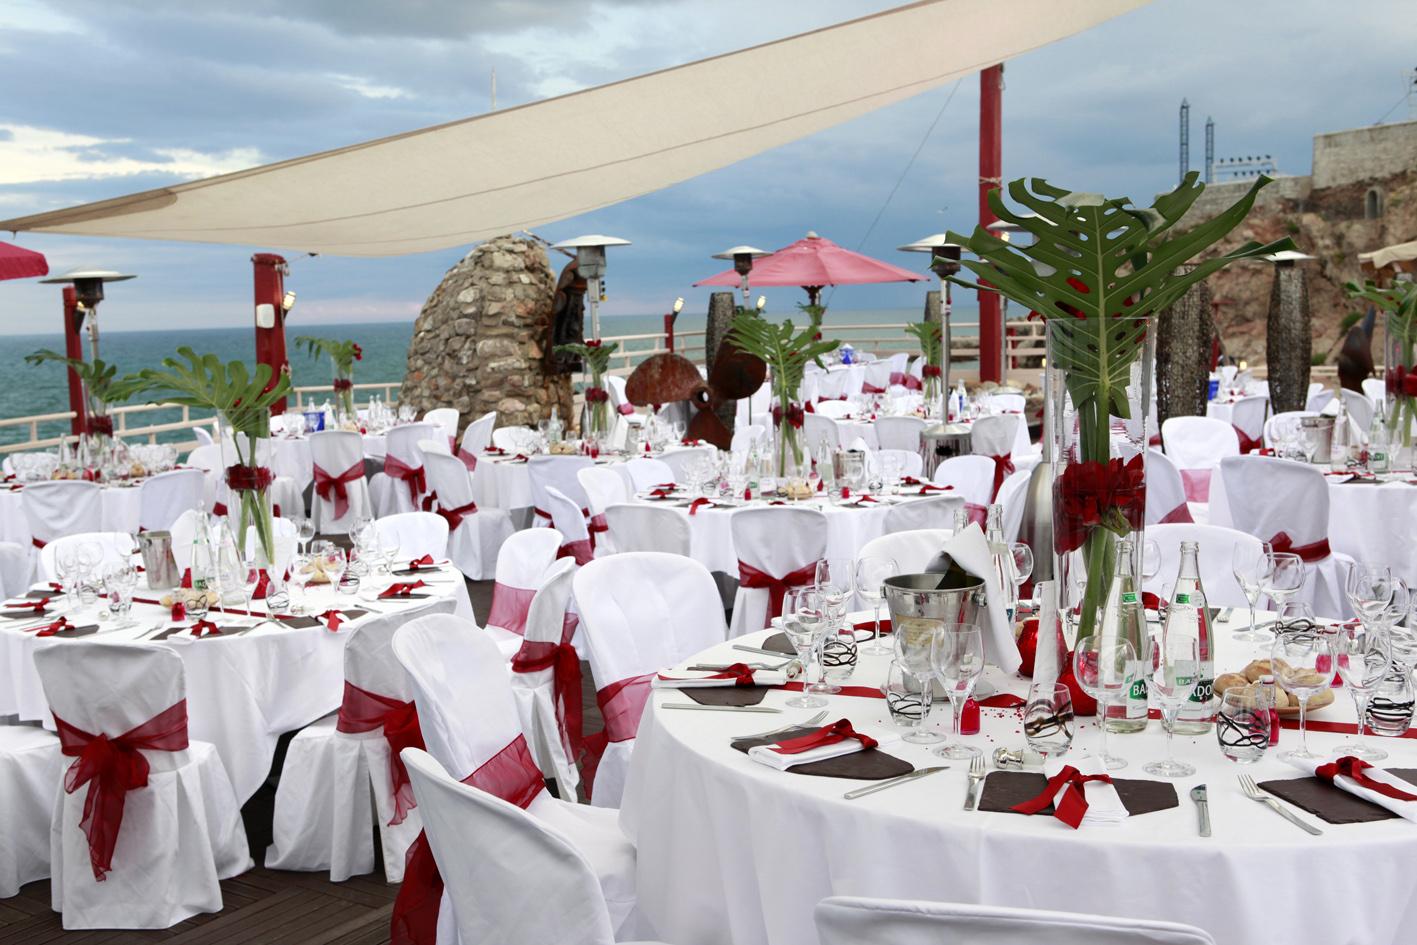 Bien d corer votre salle de mariage pour plus d 39 ambiance - Idee decoration salle mariage ...